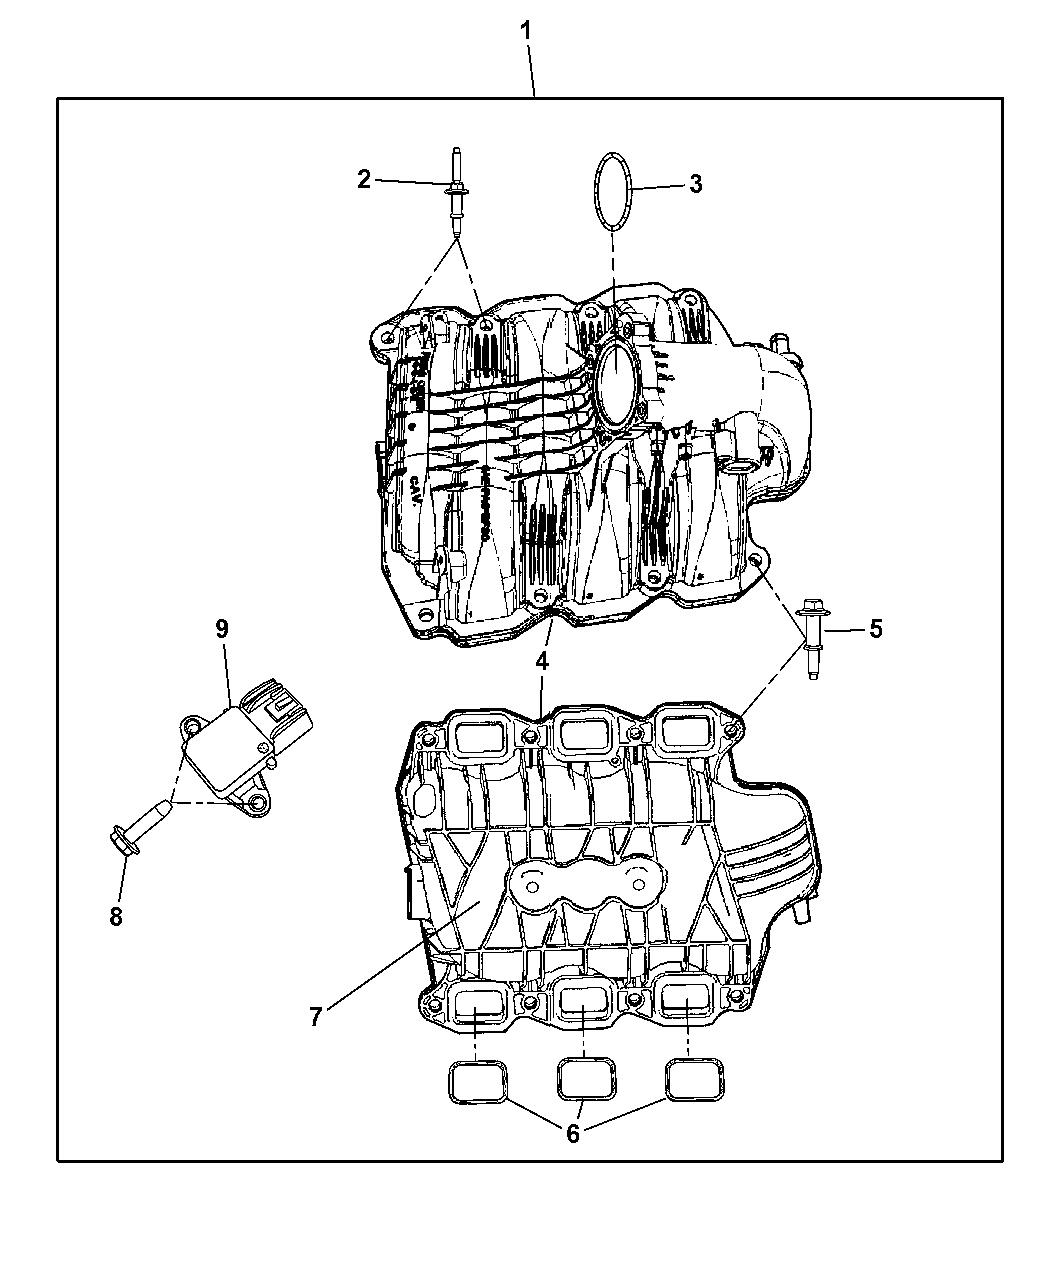 2010 Dodge Dakota Intake Manifold - Thumbnail 2